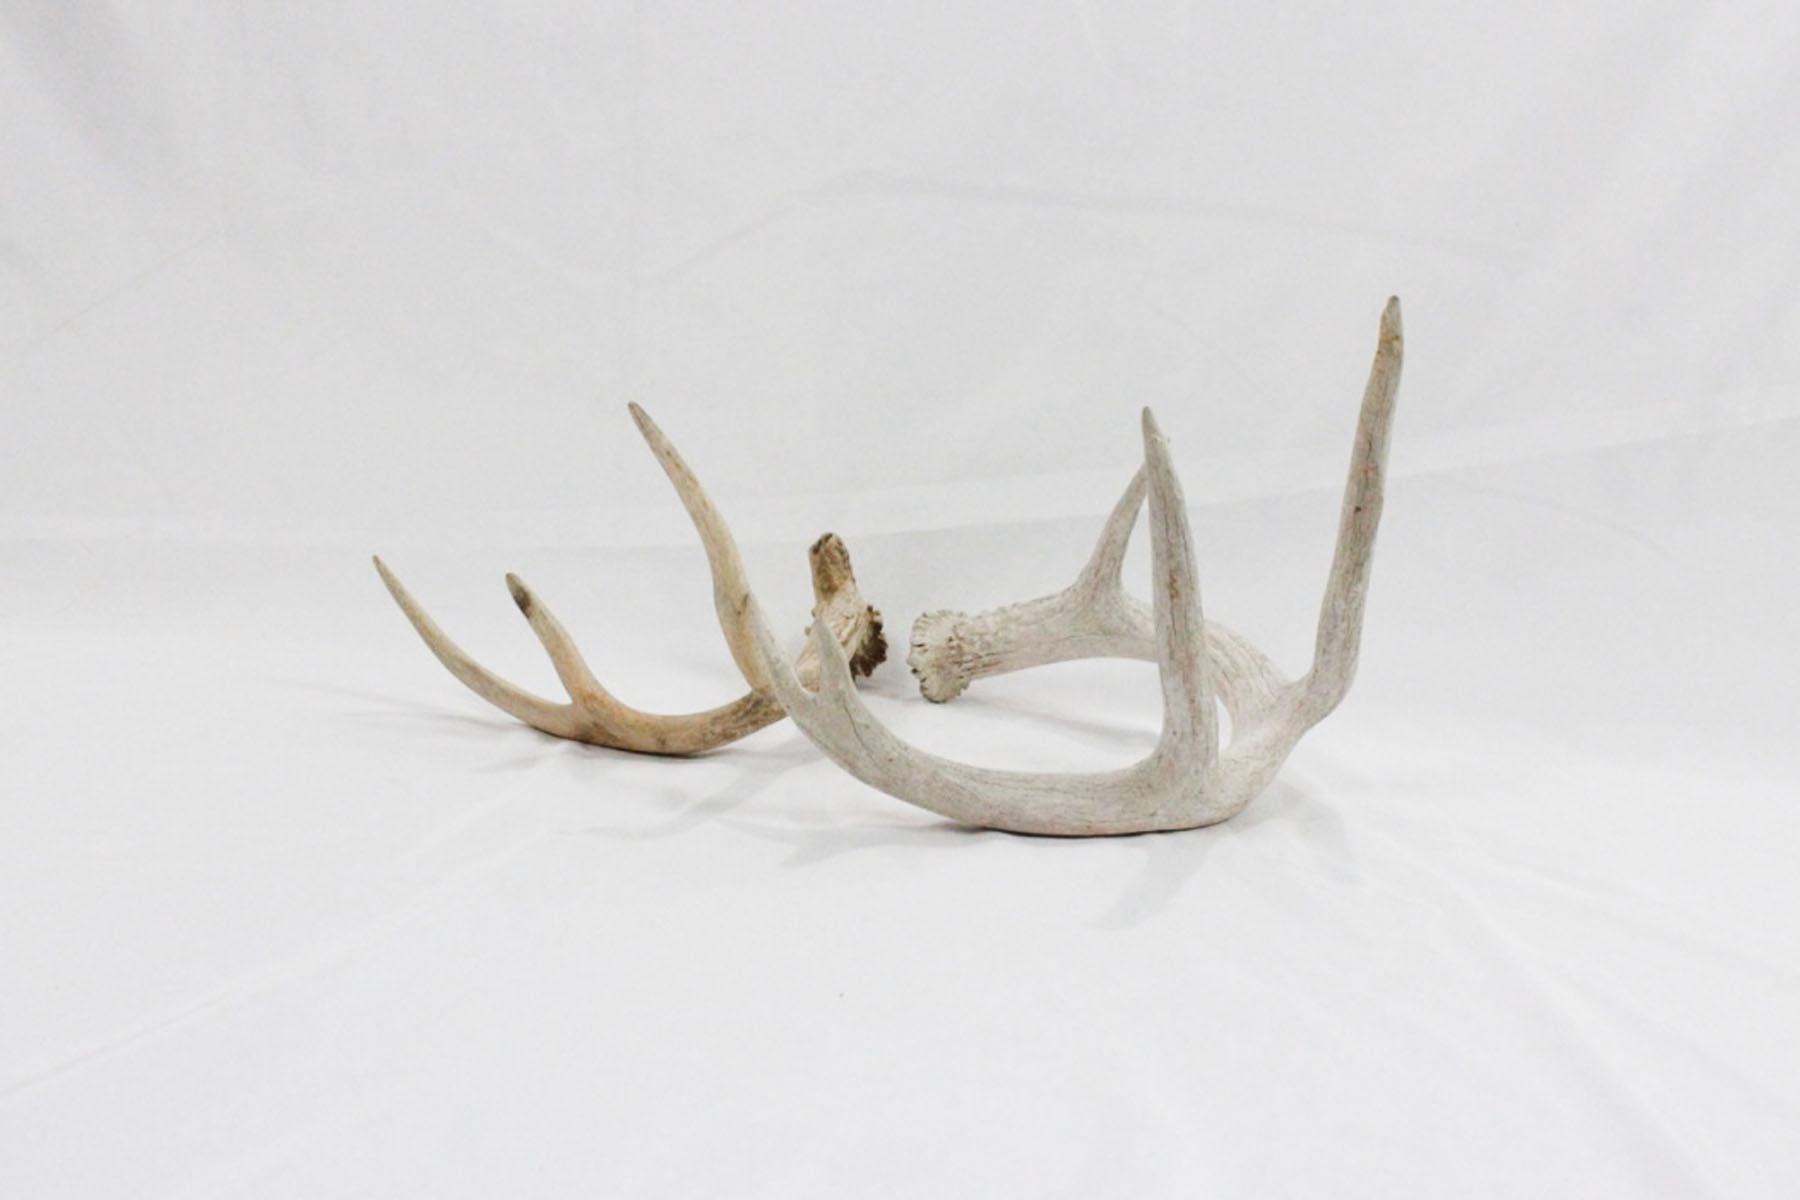 Deer Sheds - Scavenged Vintage Rentals